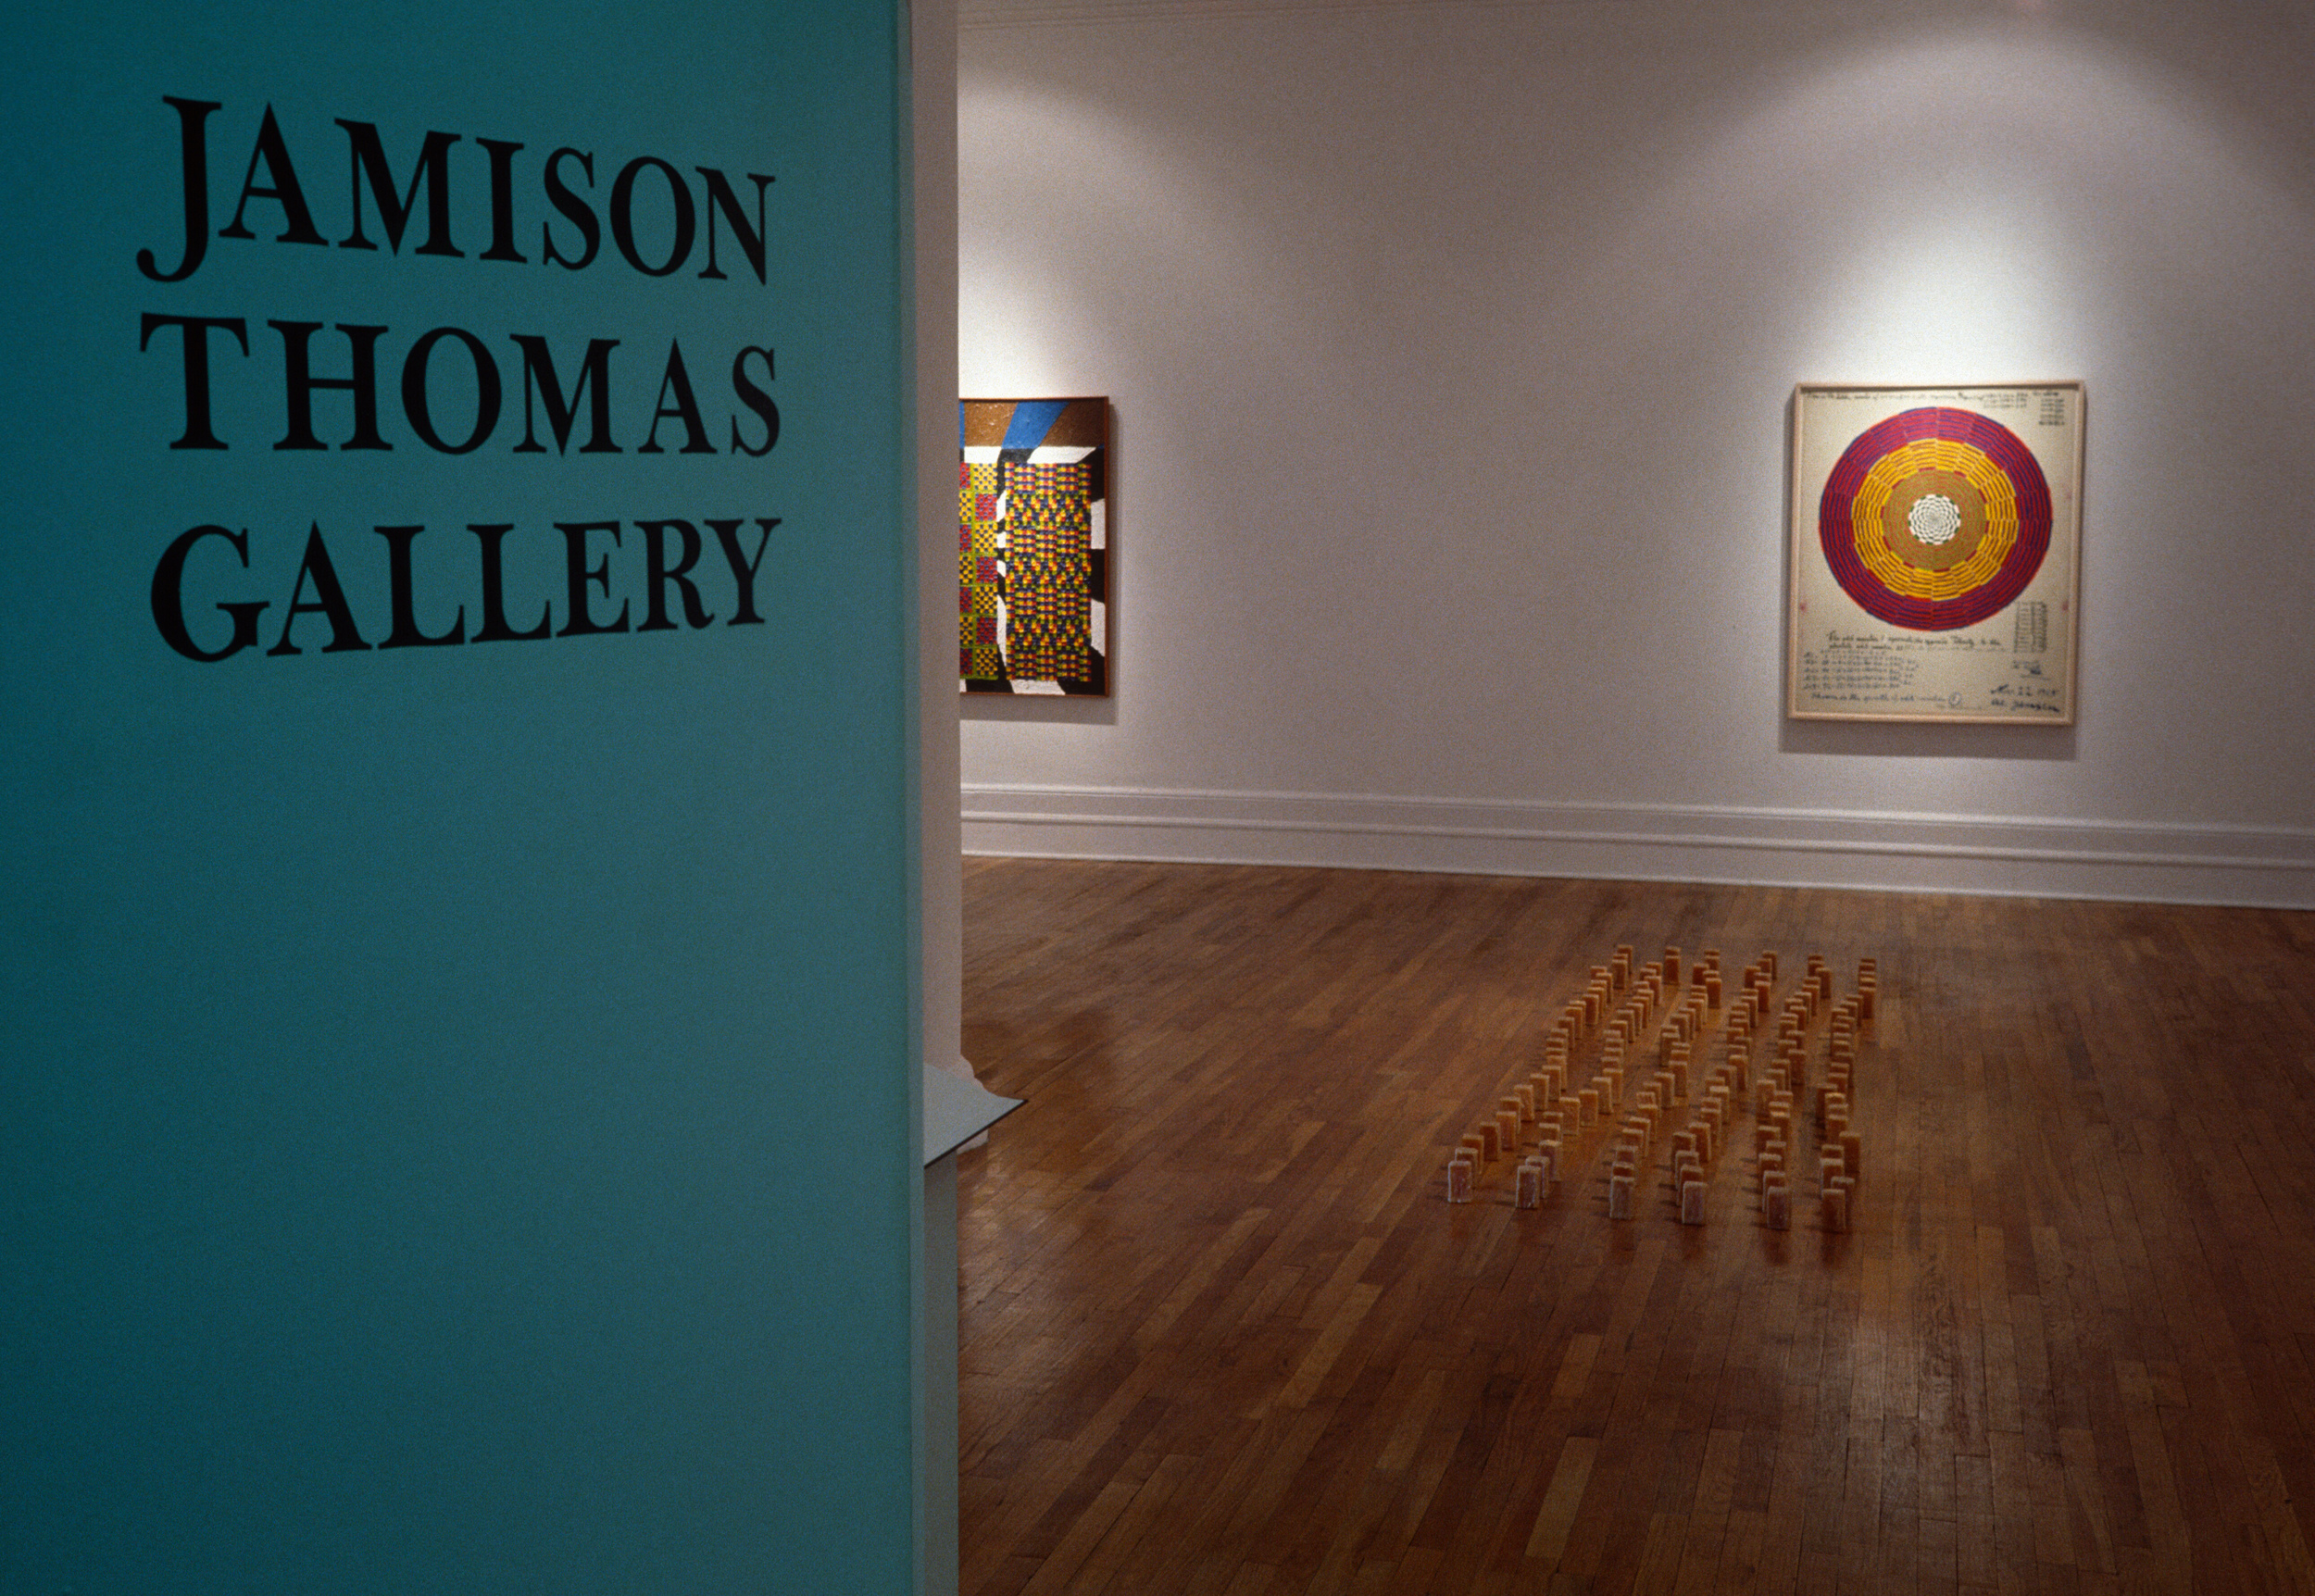 Jamison Thomas Gallery / NYC / 1991